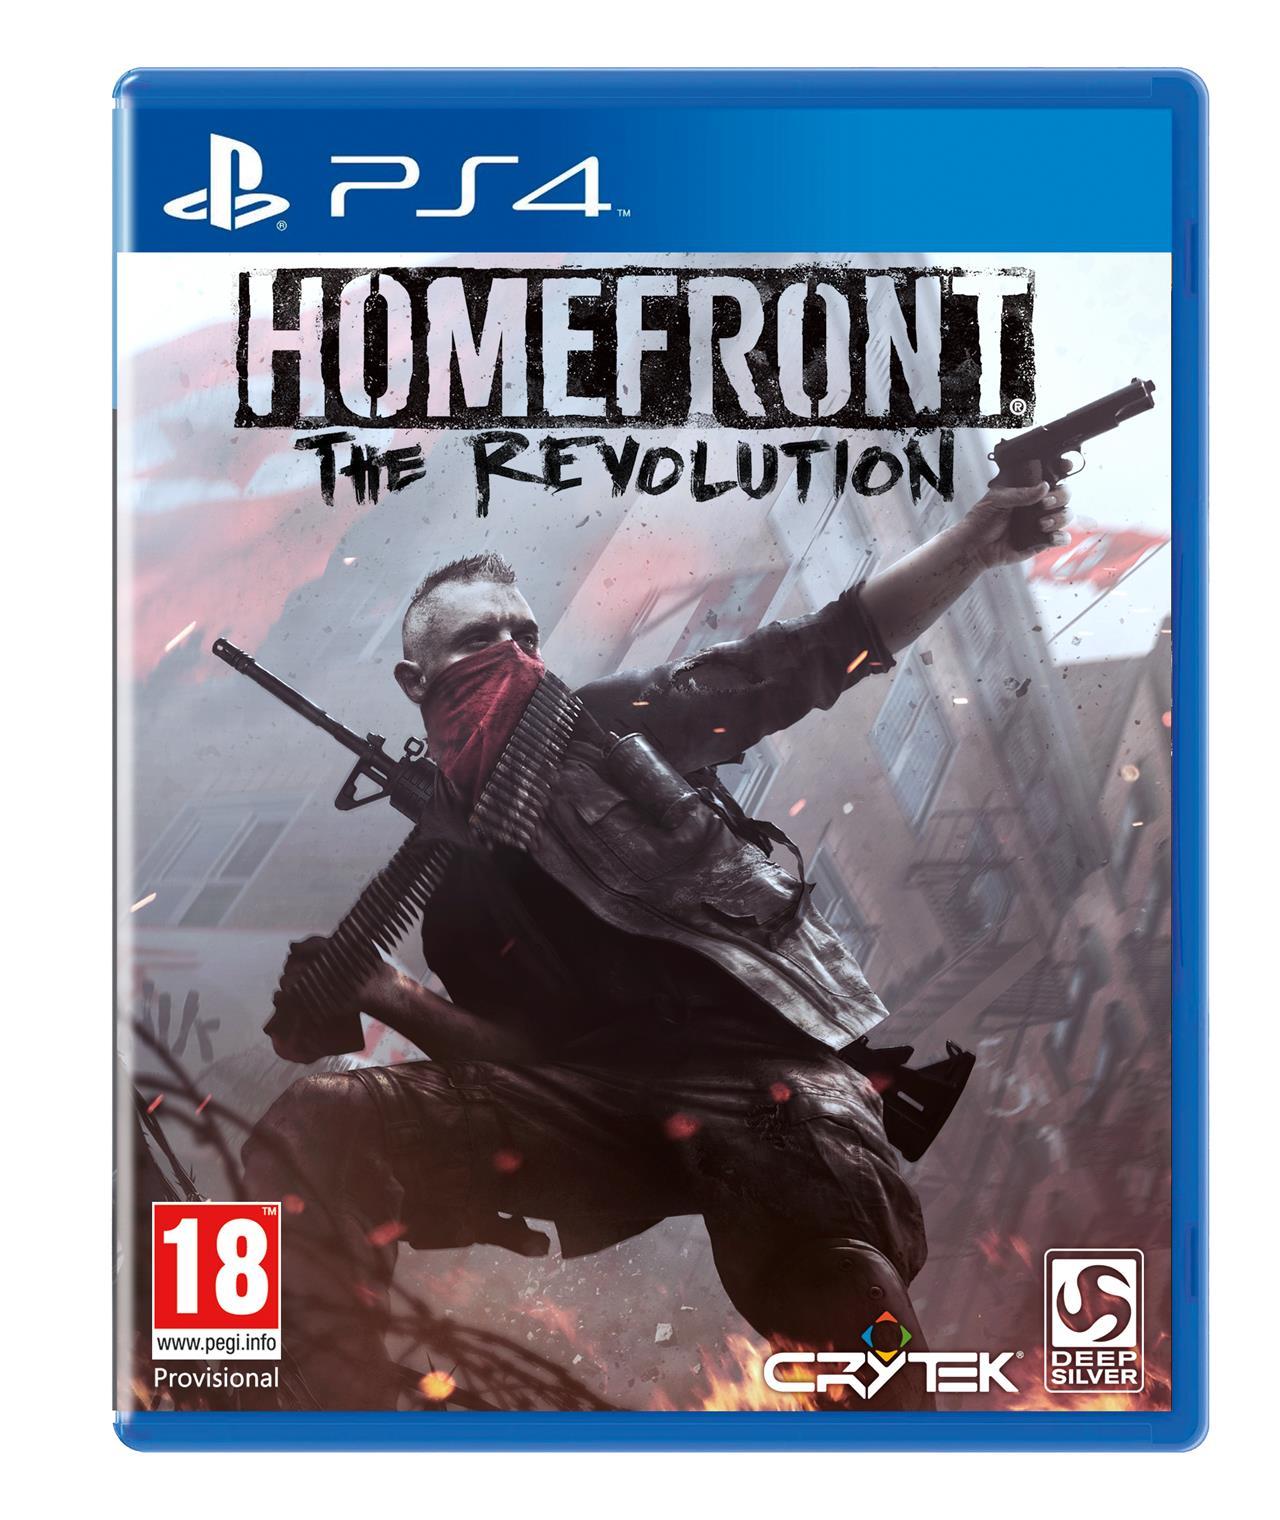 باکس آرت نسخه پلی استیشن 3 بازی Homefront: The Revolution